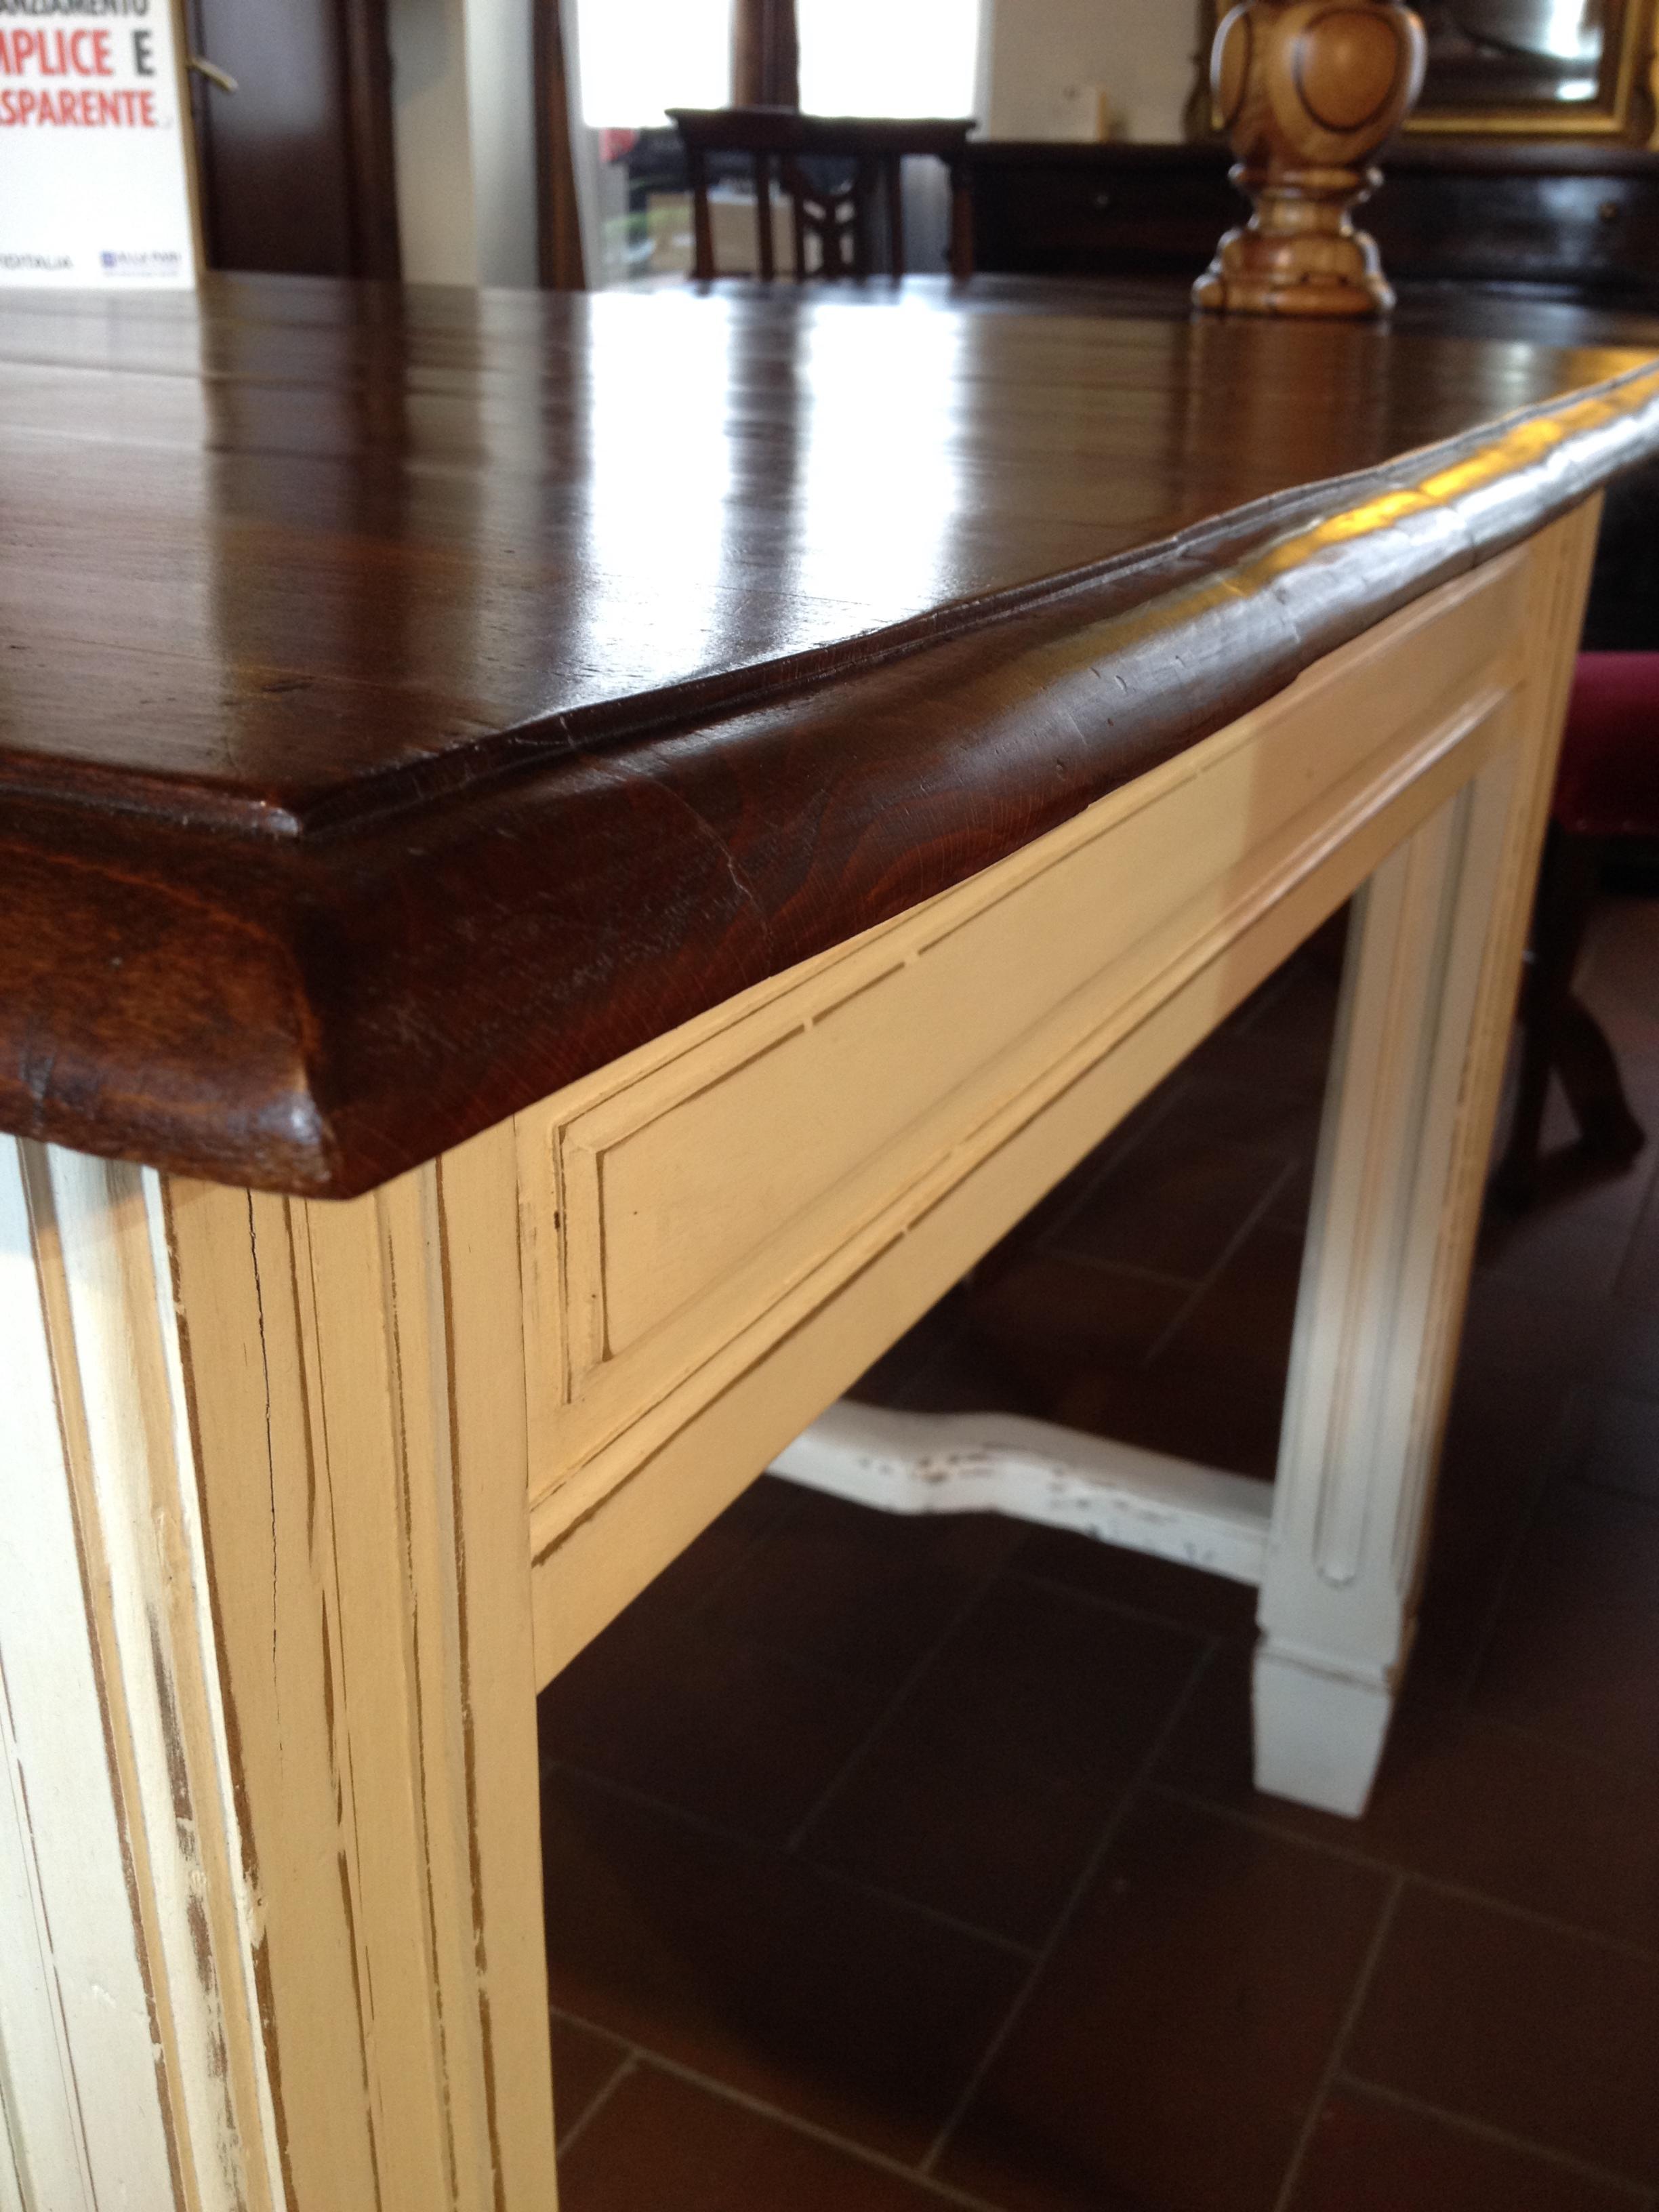 Tavolo tavolo anni 39 40 restaurato scontato del 30 tavoli a prezzi scontati - Tavoli regolabili in altezza prezzi ...